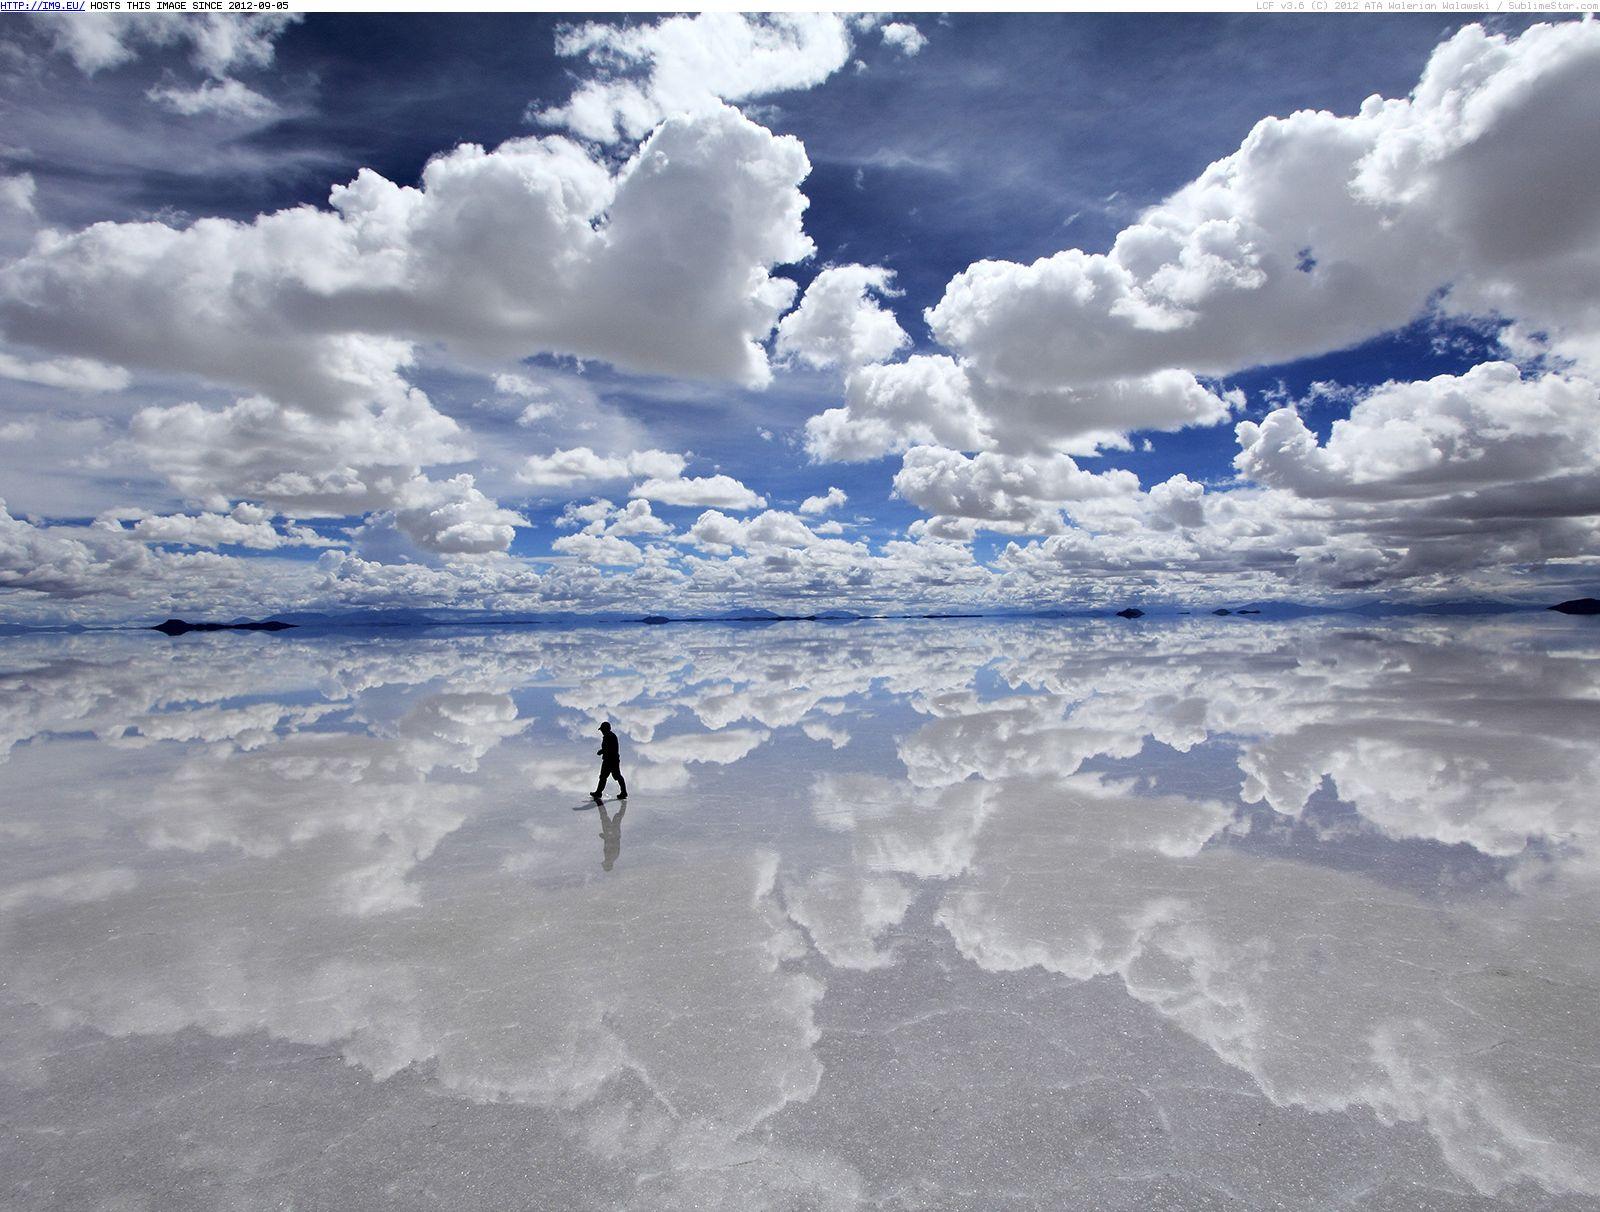 Salar-De-Uyuni-╬╝╬╡╧Ε╬υ ╧Ε╬╖ ╬▓╧Β╬┐╧Θ╬χ